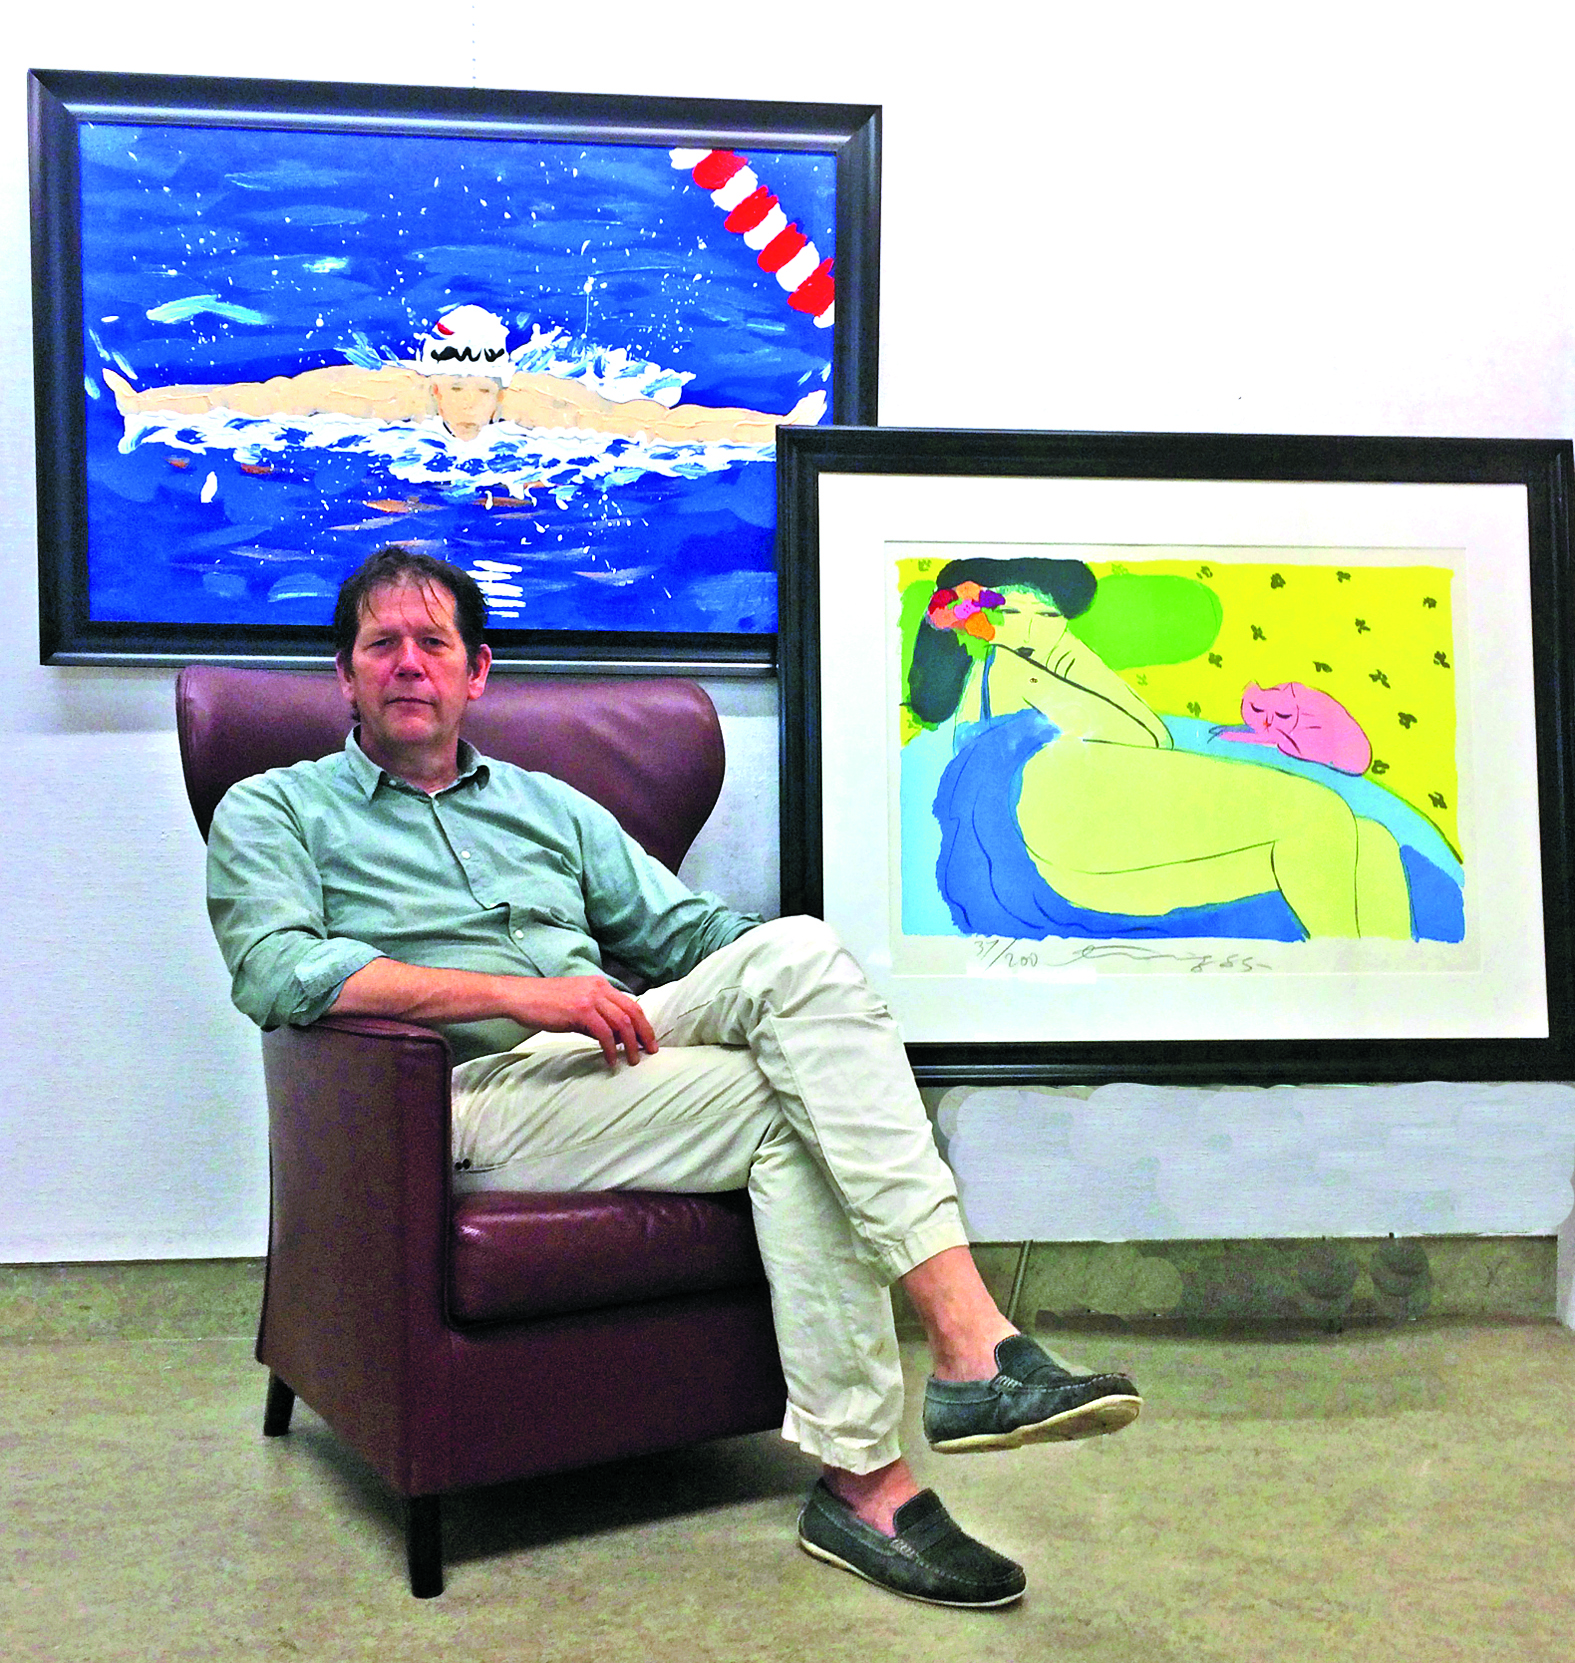 Rogier Jonk met een eigen werk en een van Walasse Ting, welke geveild zal worden. (Foto: aangeleverd)